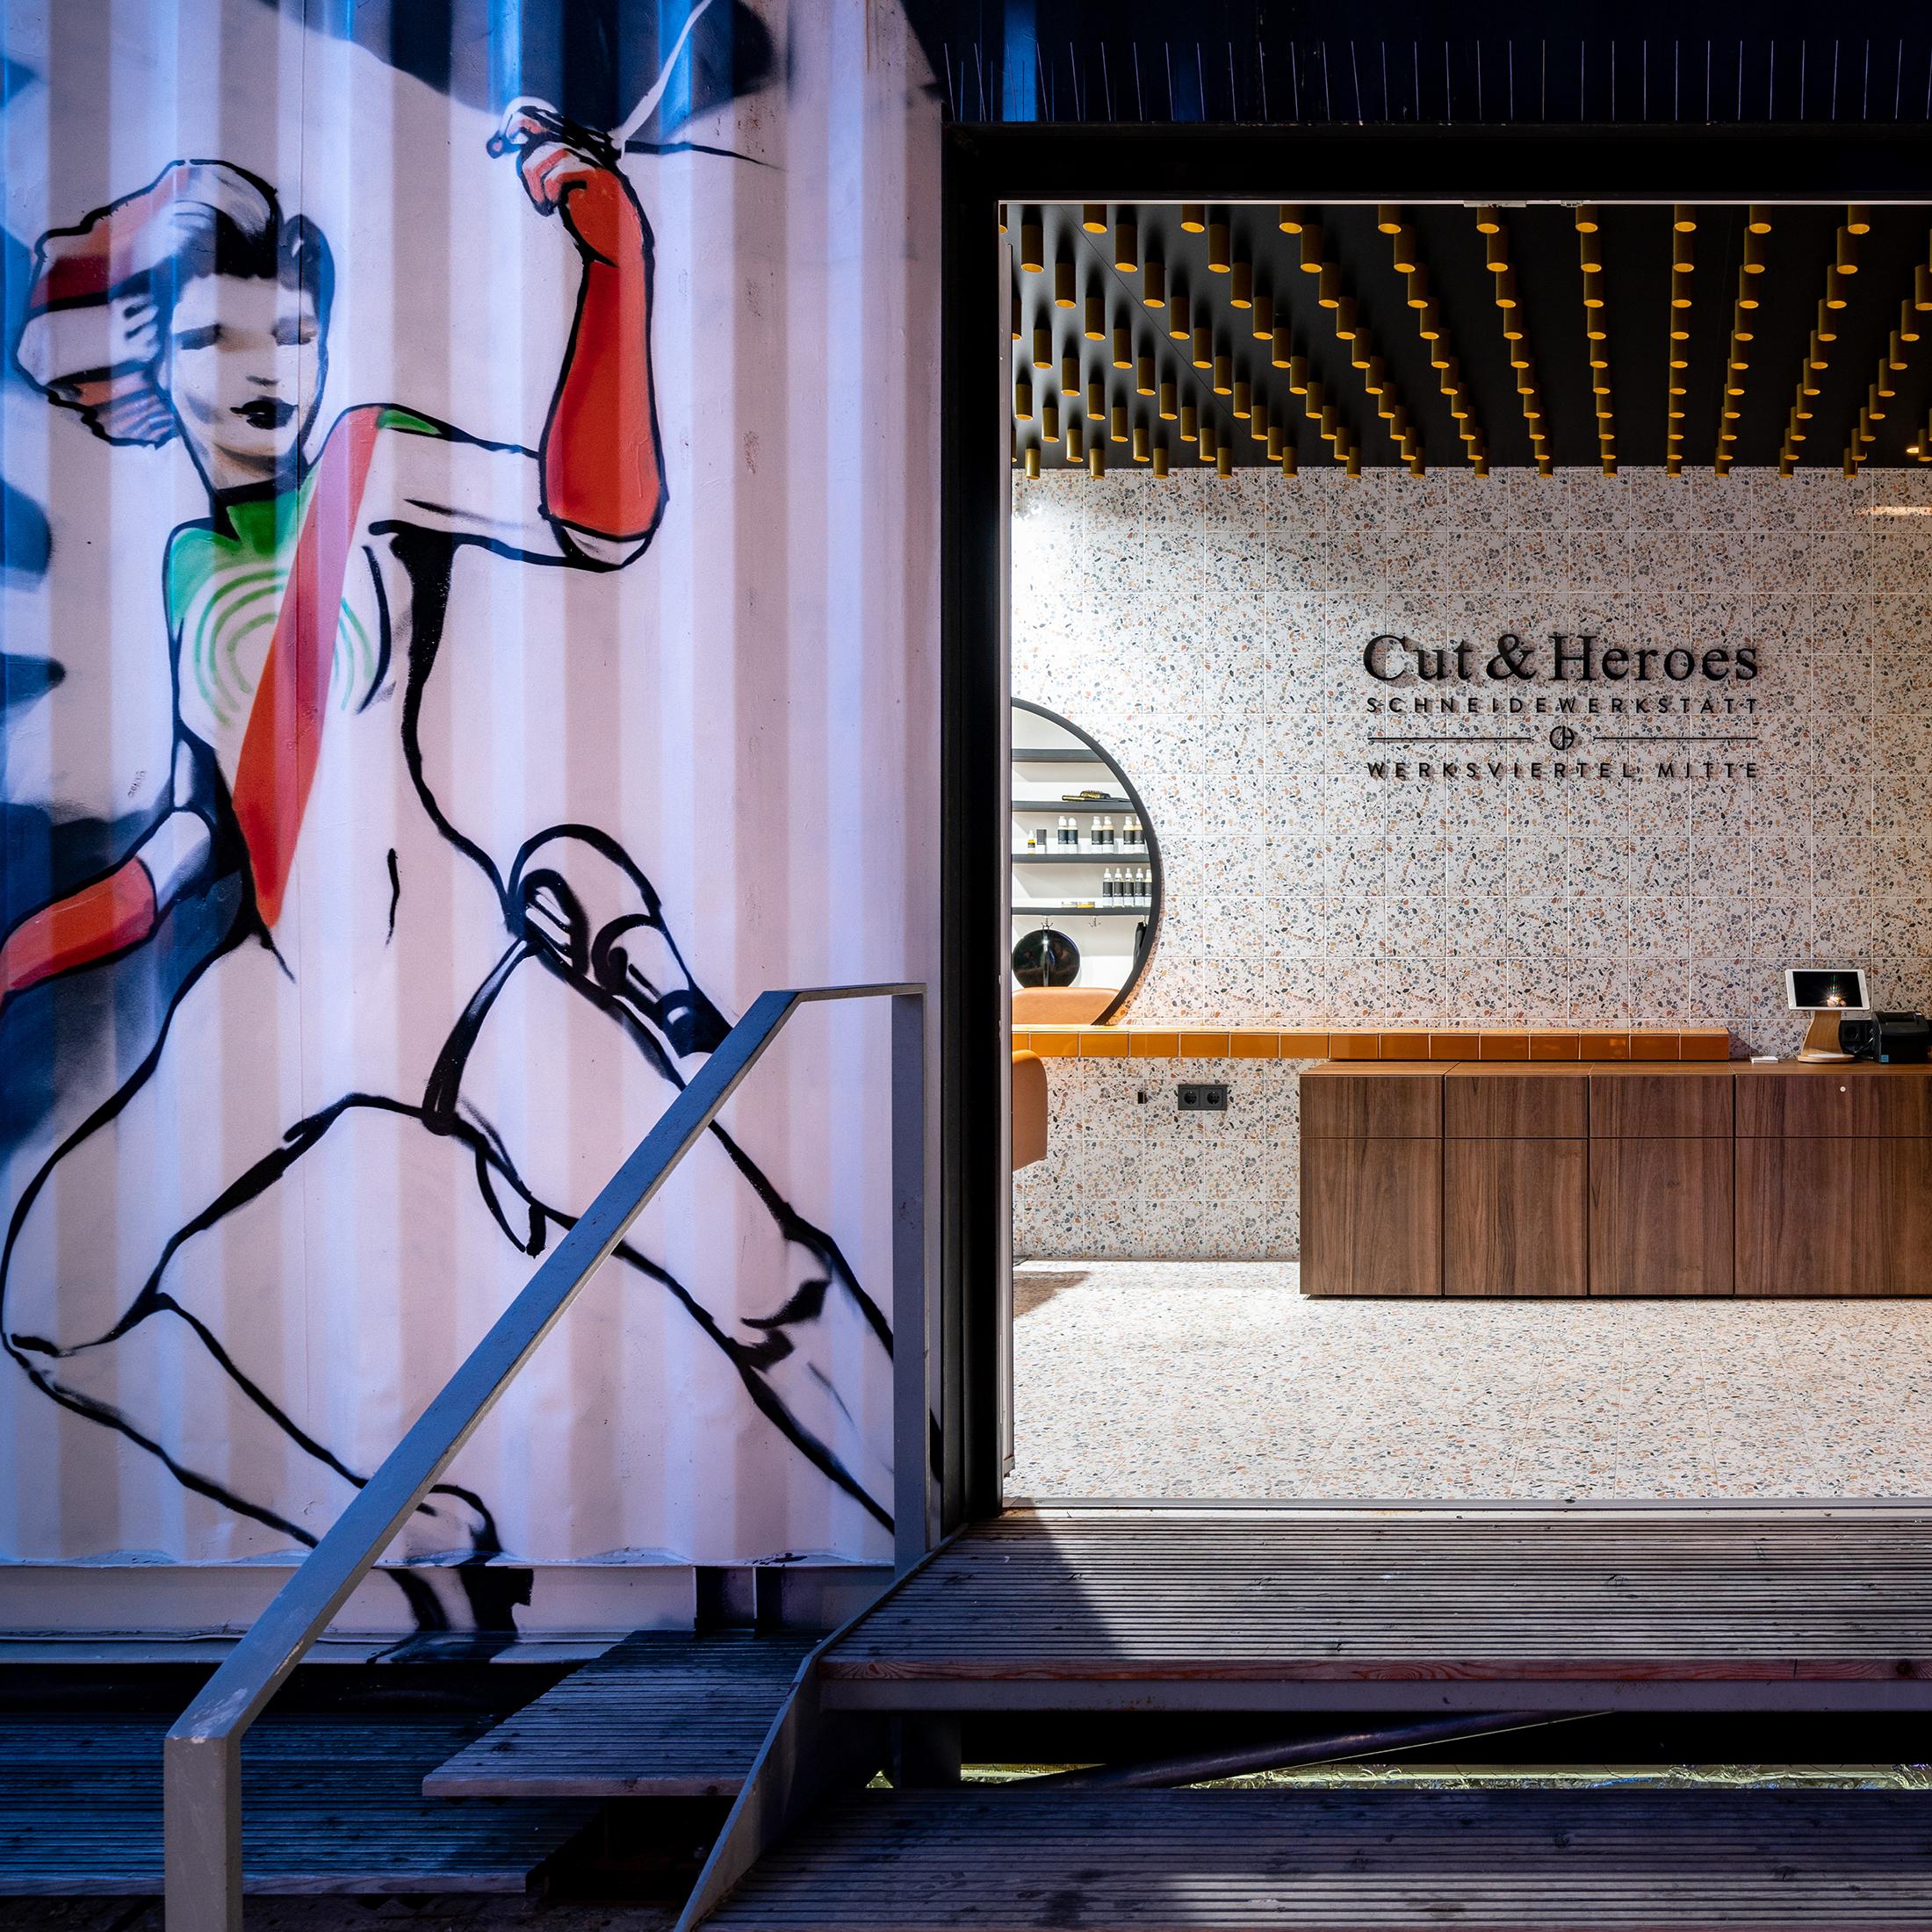 Cut & Heroes - Sebastian Zenker Interior Design 2.jpg